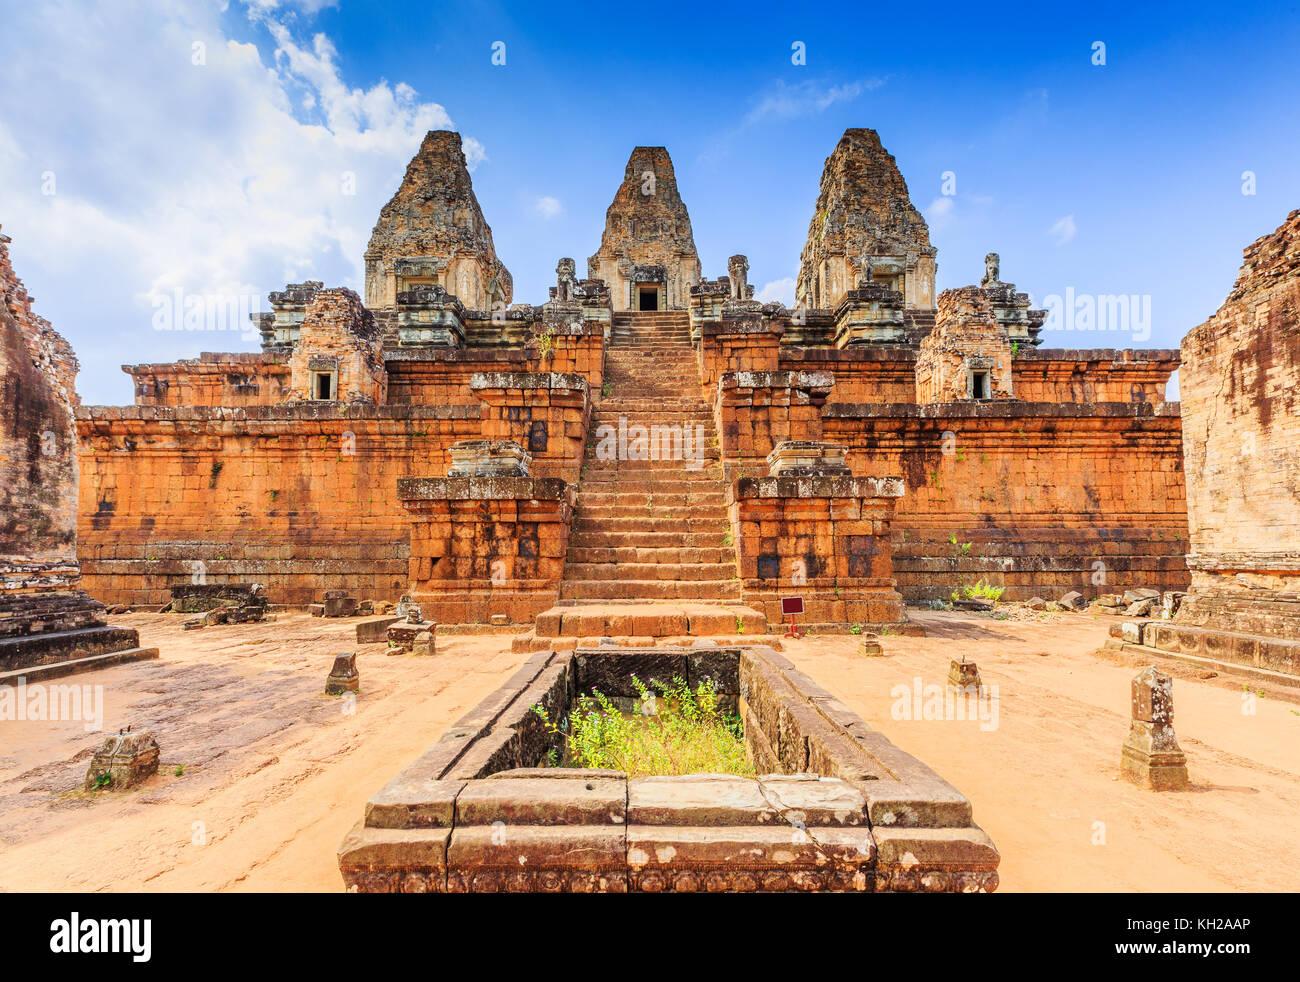 Angkor, au Cambodge. Temple Pre Rup. La citerne et le centre de Tours. Photo Stock